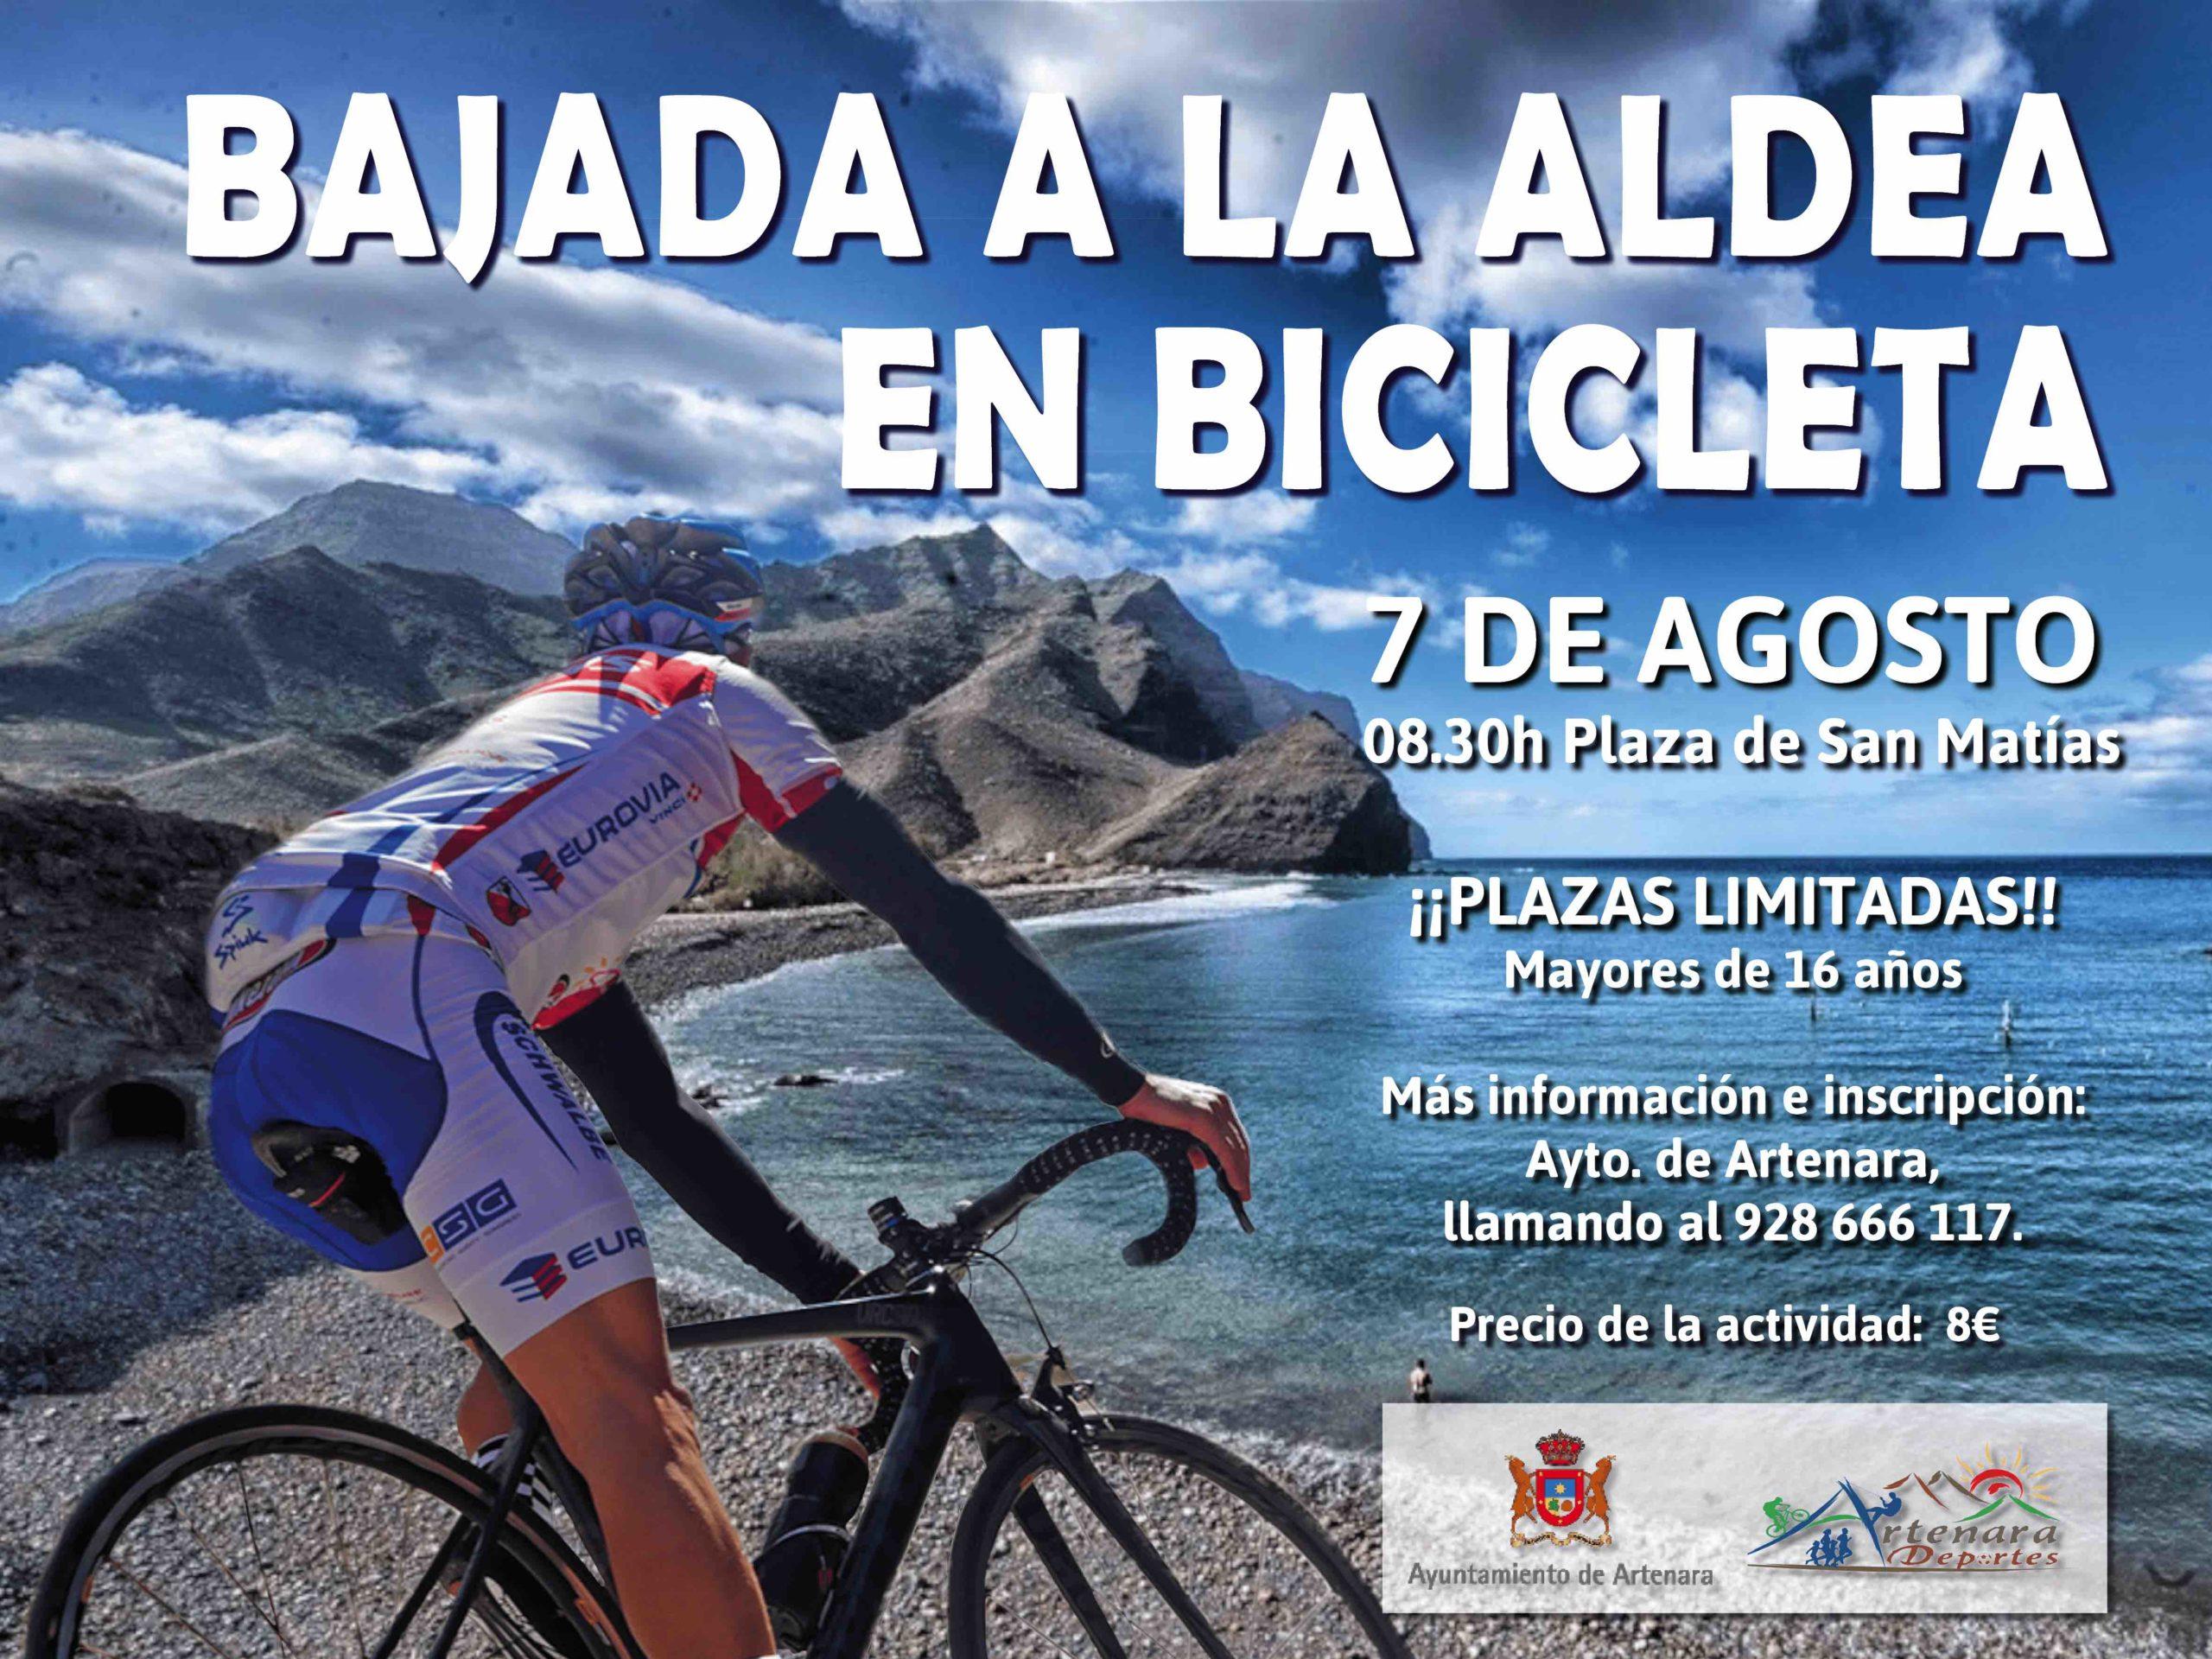 Bajada a La Aldea en bicicleta